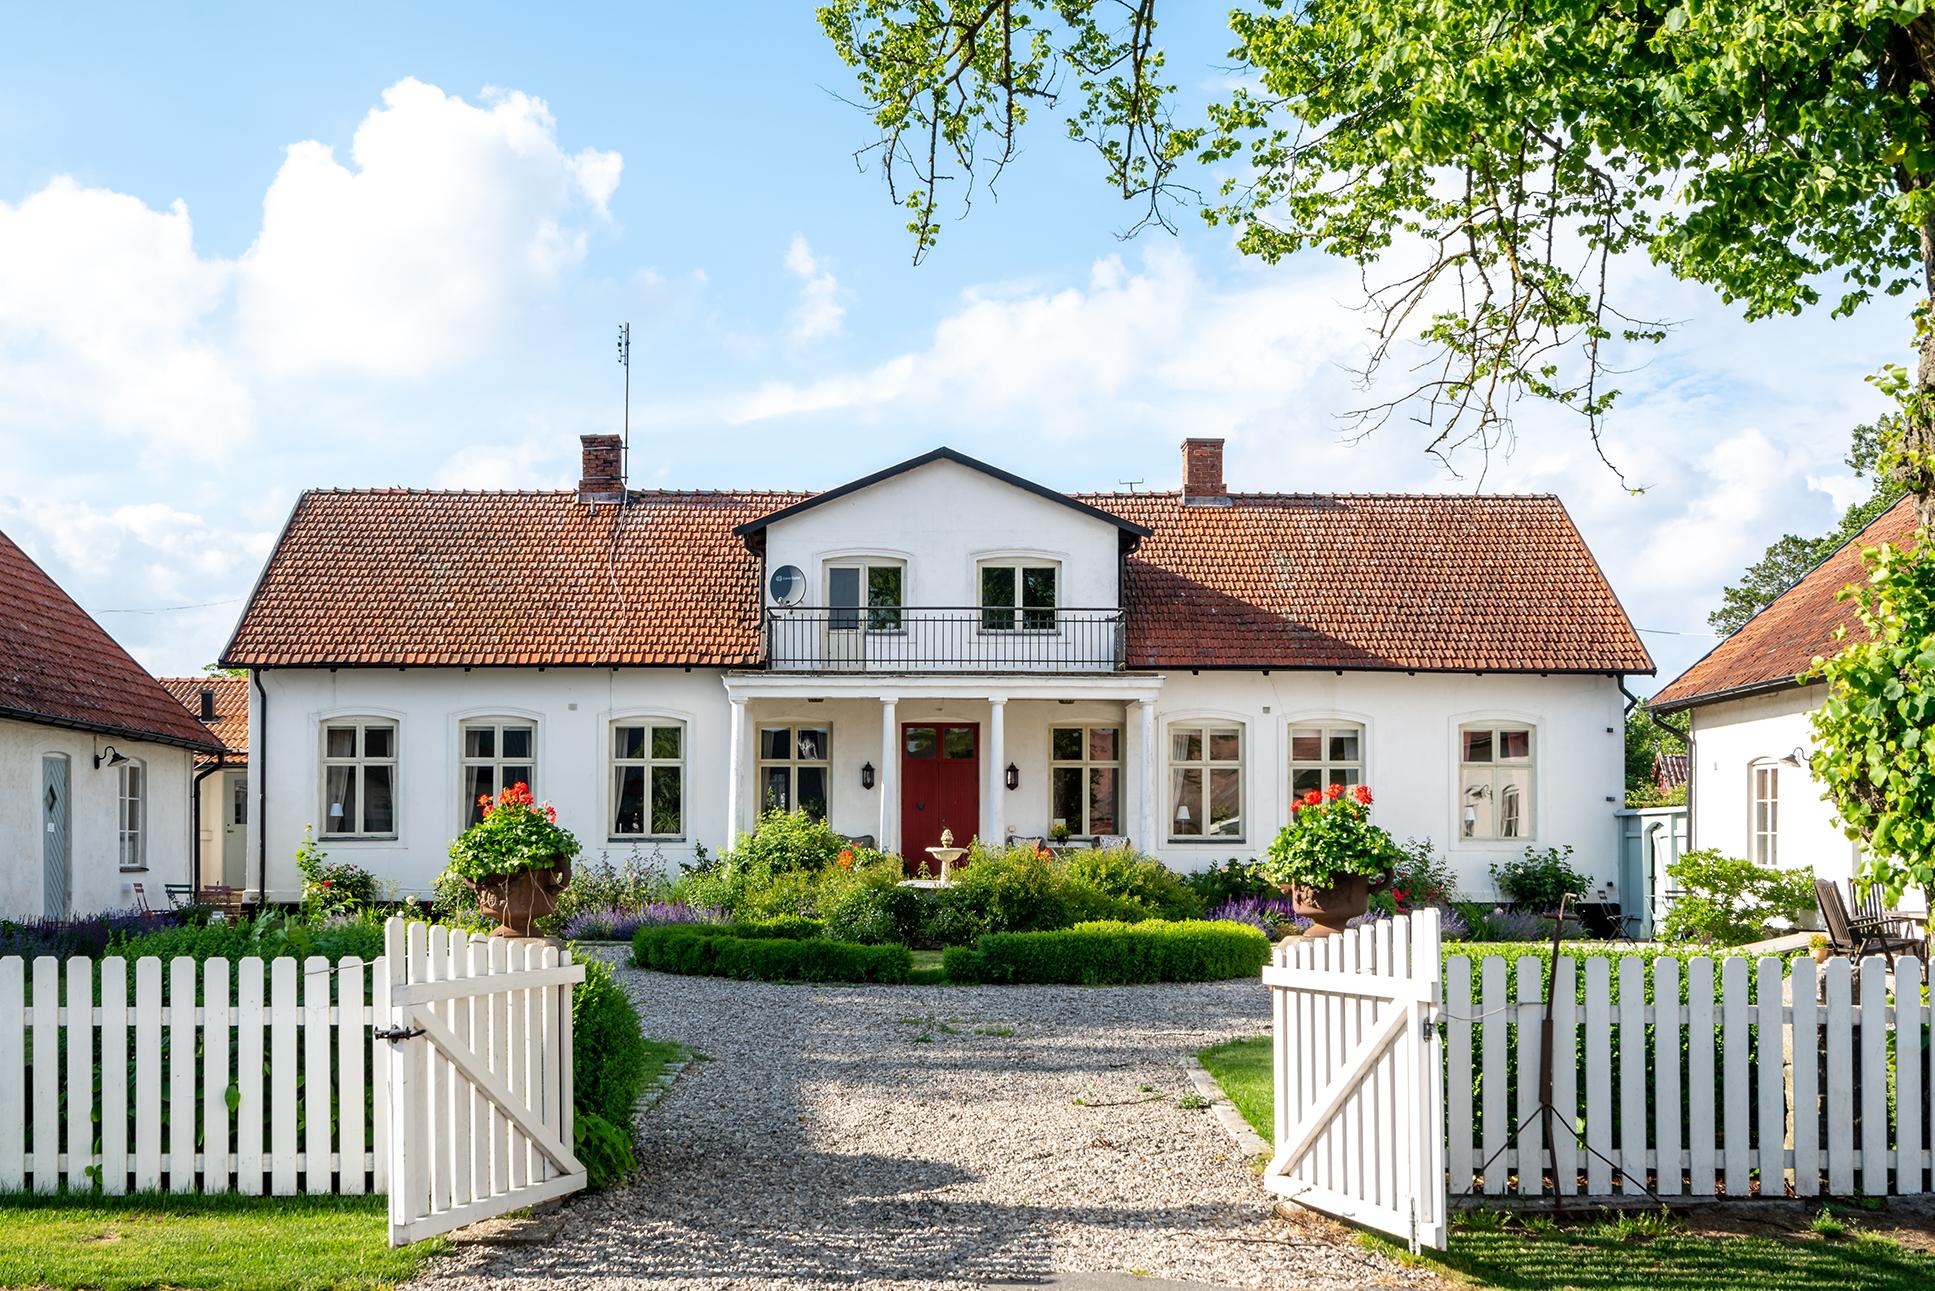 Svabesholm 1 österlen.se